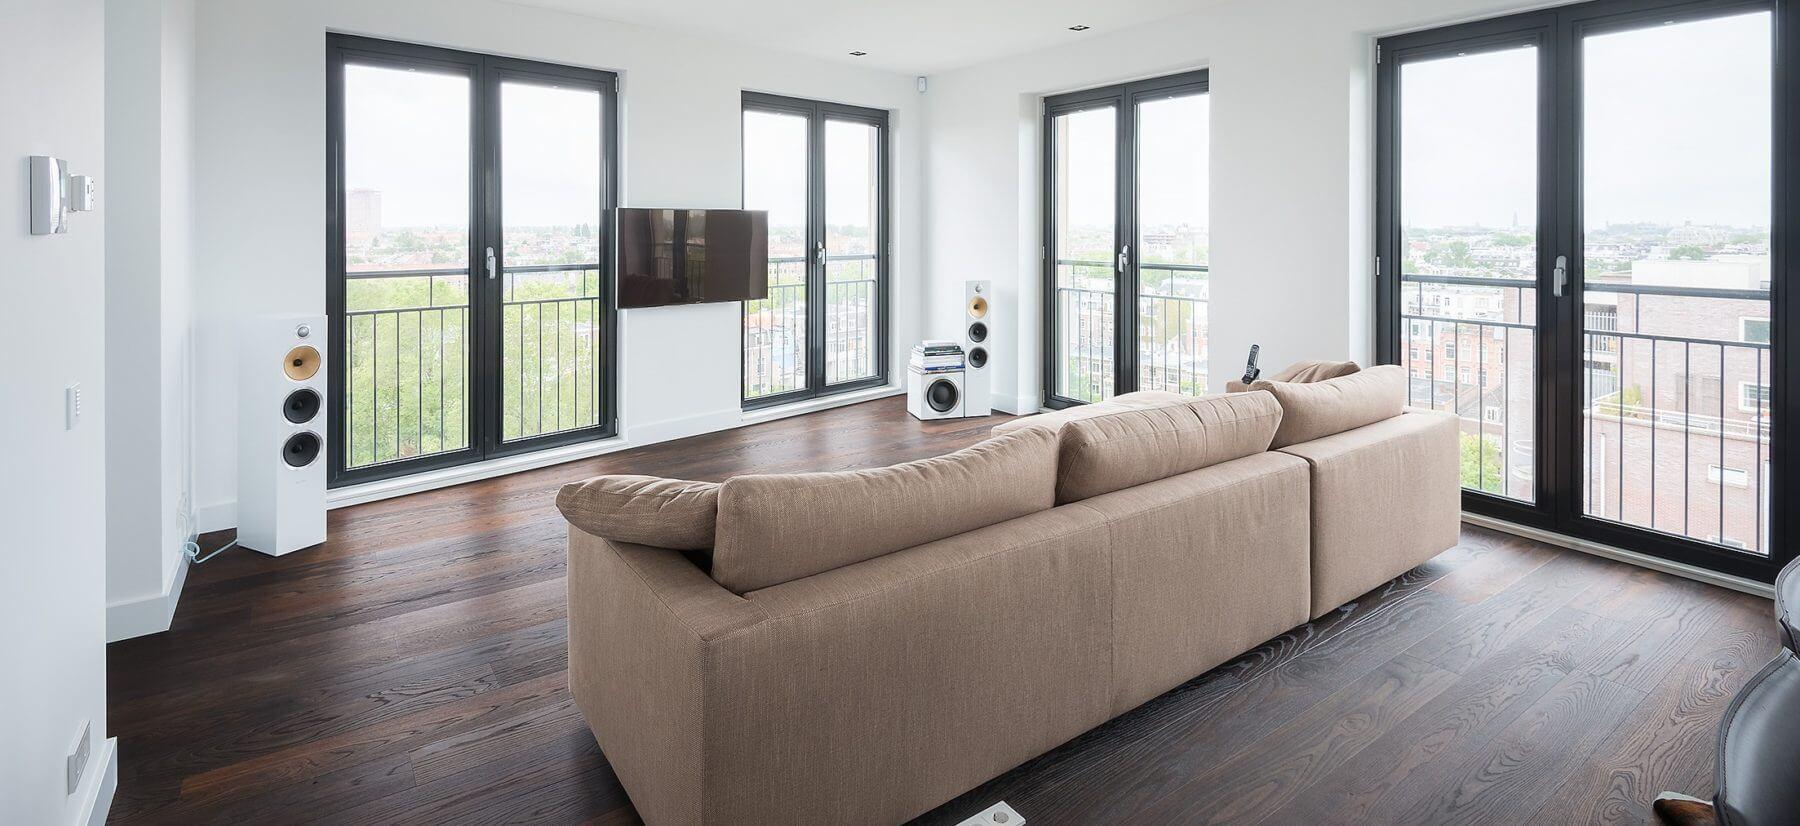 Vloerenhuis amsterdam legt plankenvloer tapis houten vloeren en nog veel meer op bijvoorbeeld vloerverwarming